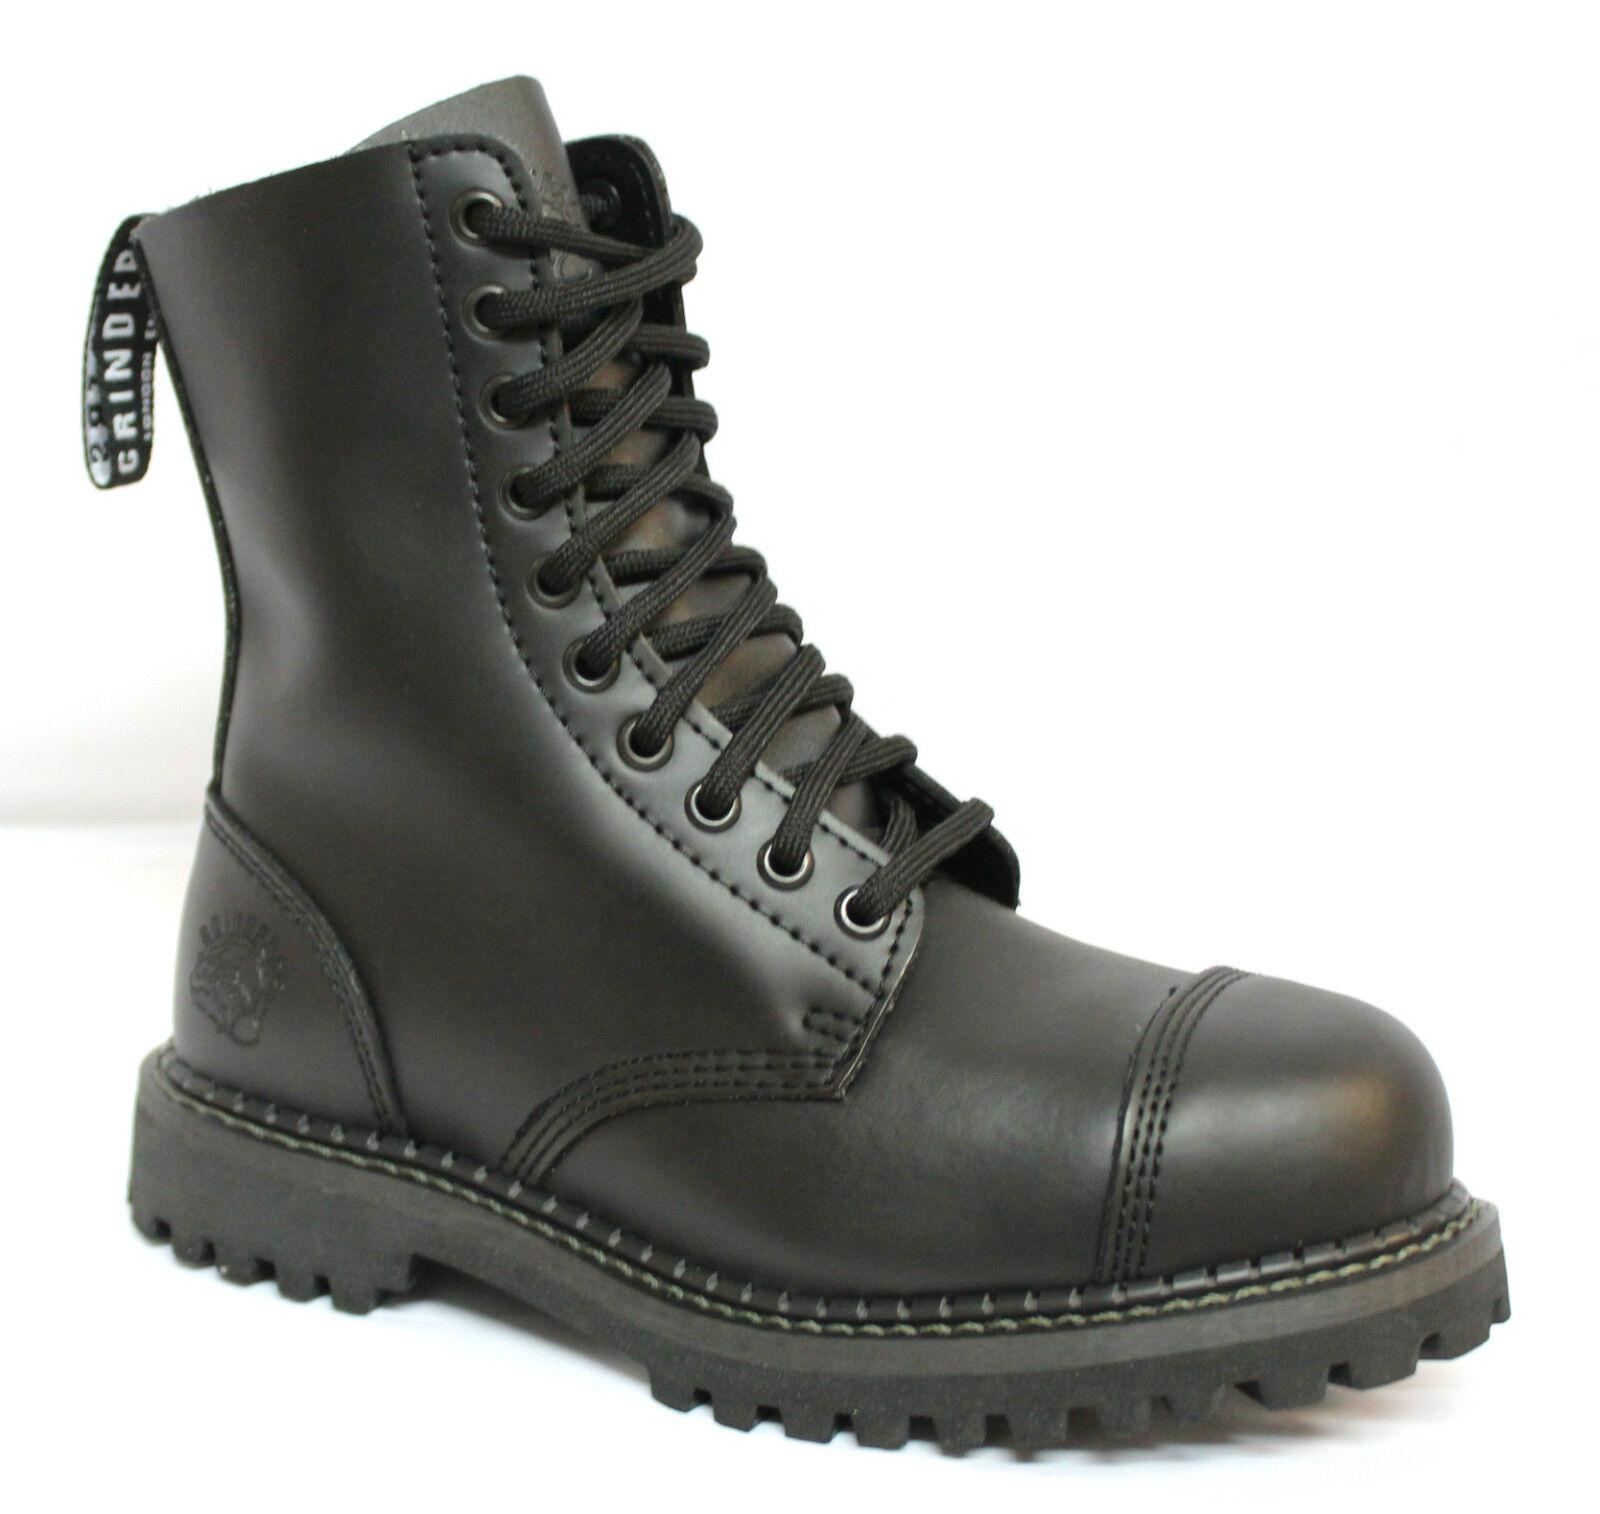 Grinders Schwarz Unisex 100% Leder Sicherheit Stahlkappe Militär Punk Stiefel